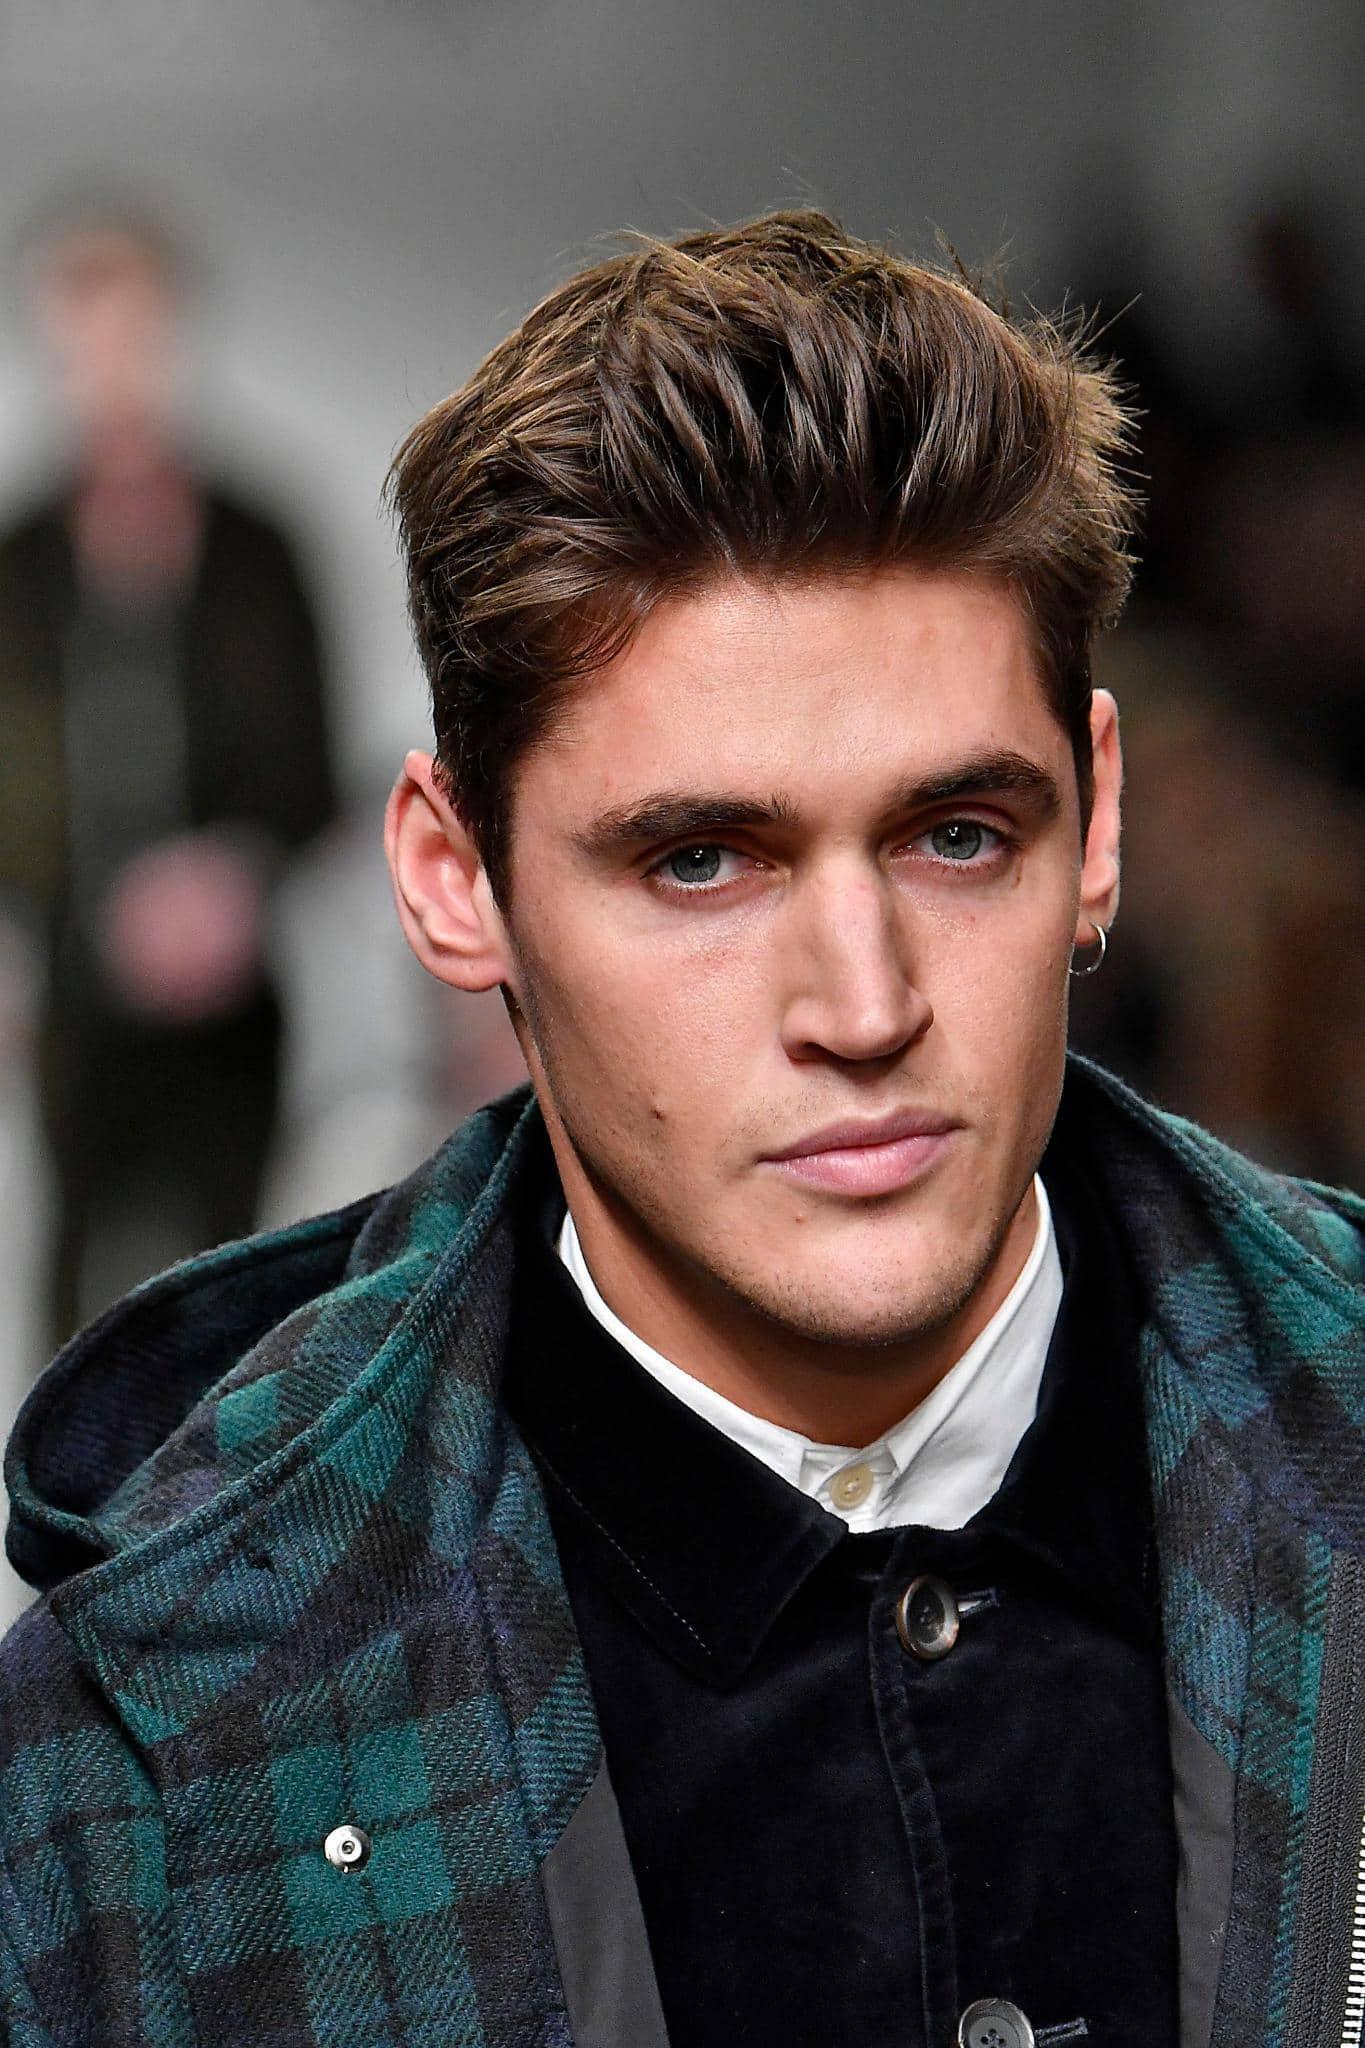 Pria kaukasia dengan model rambut faux hawk warna rambut cokelat terang